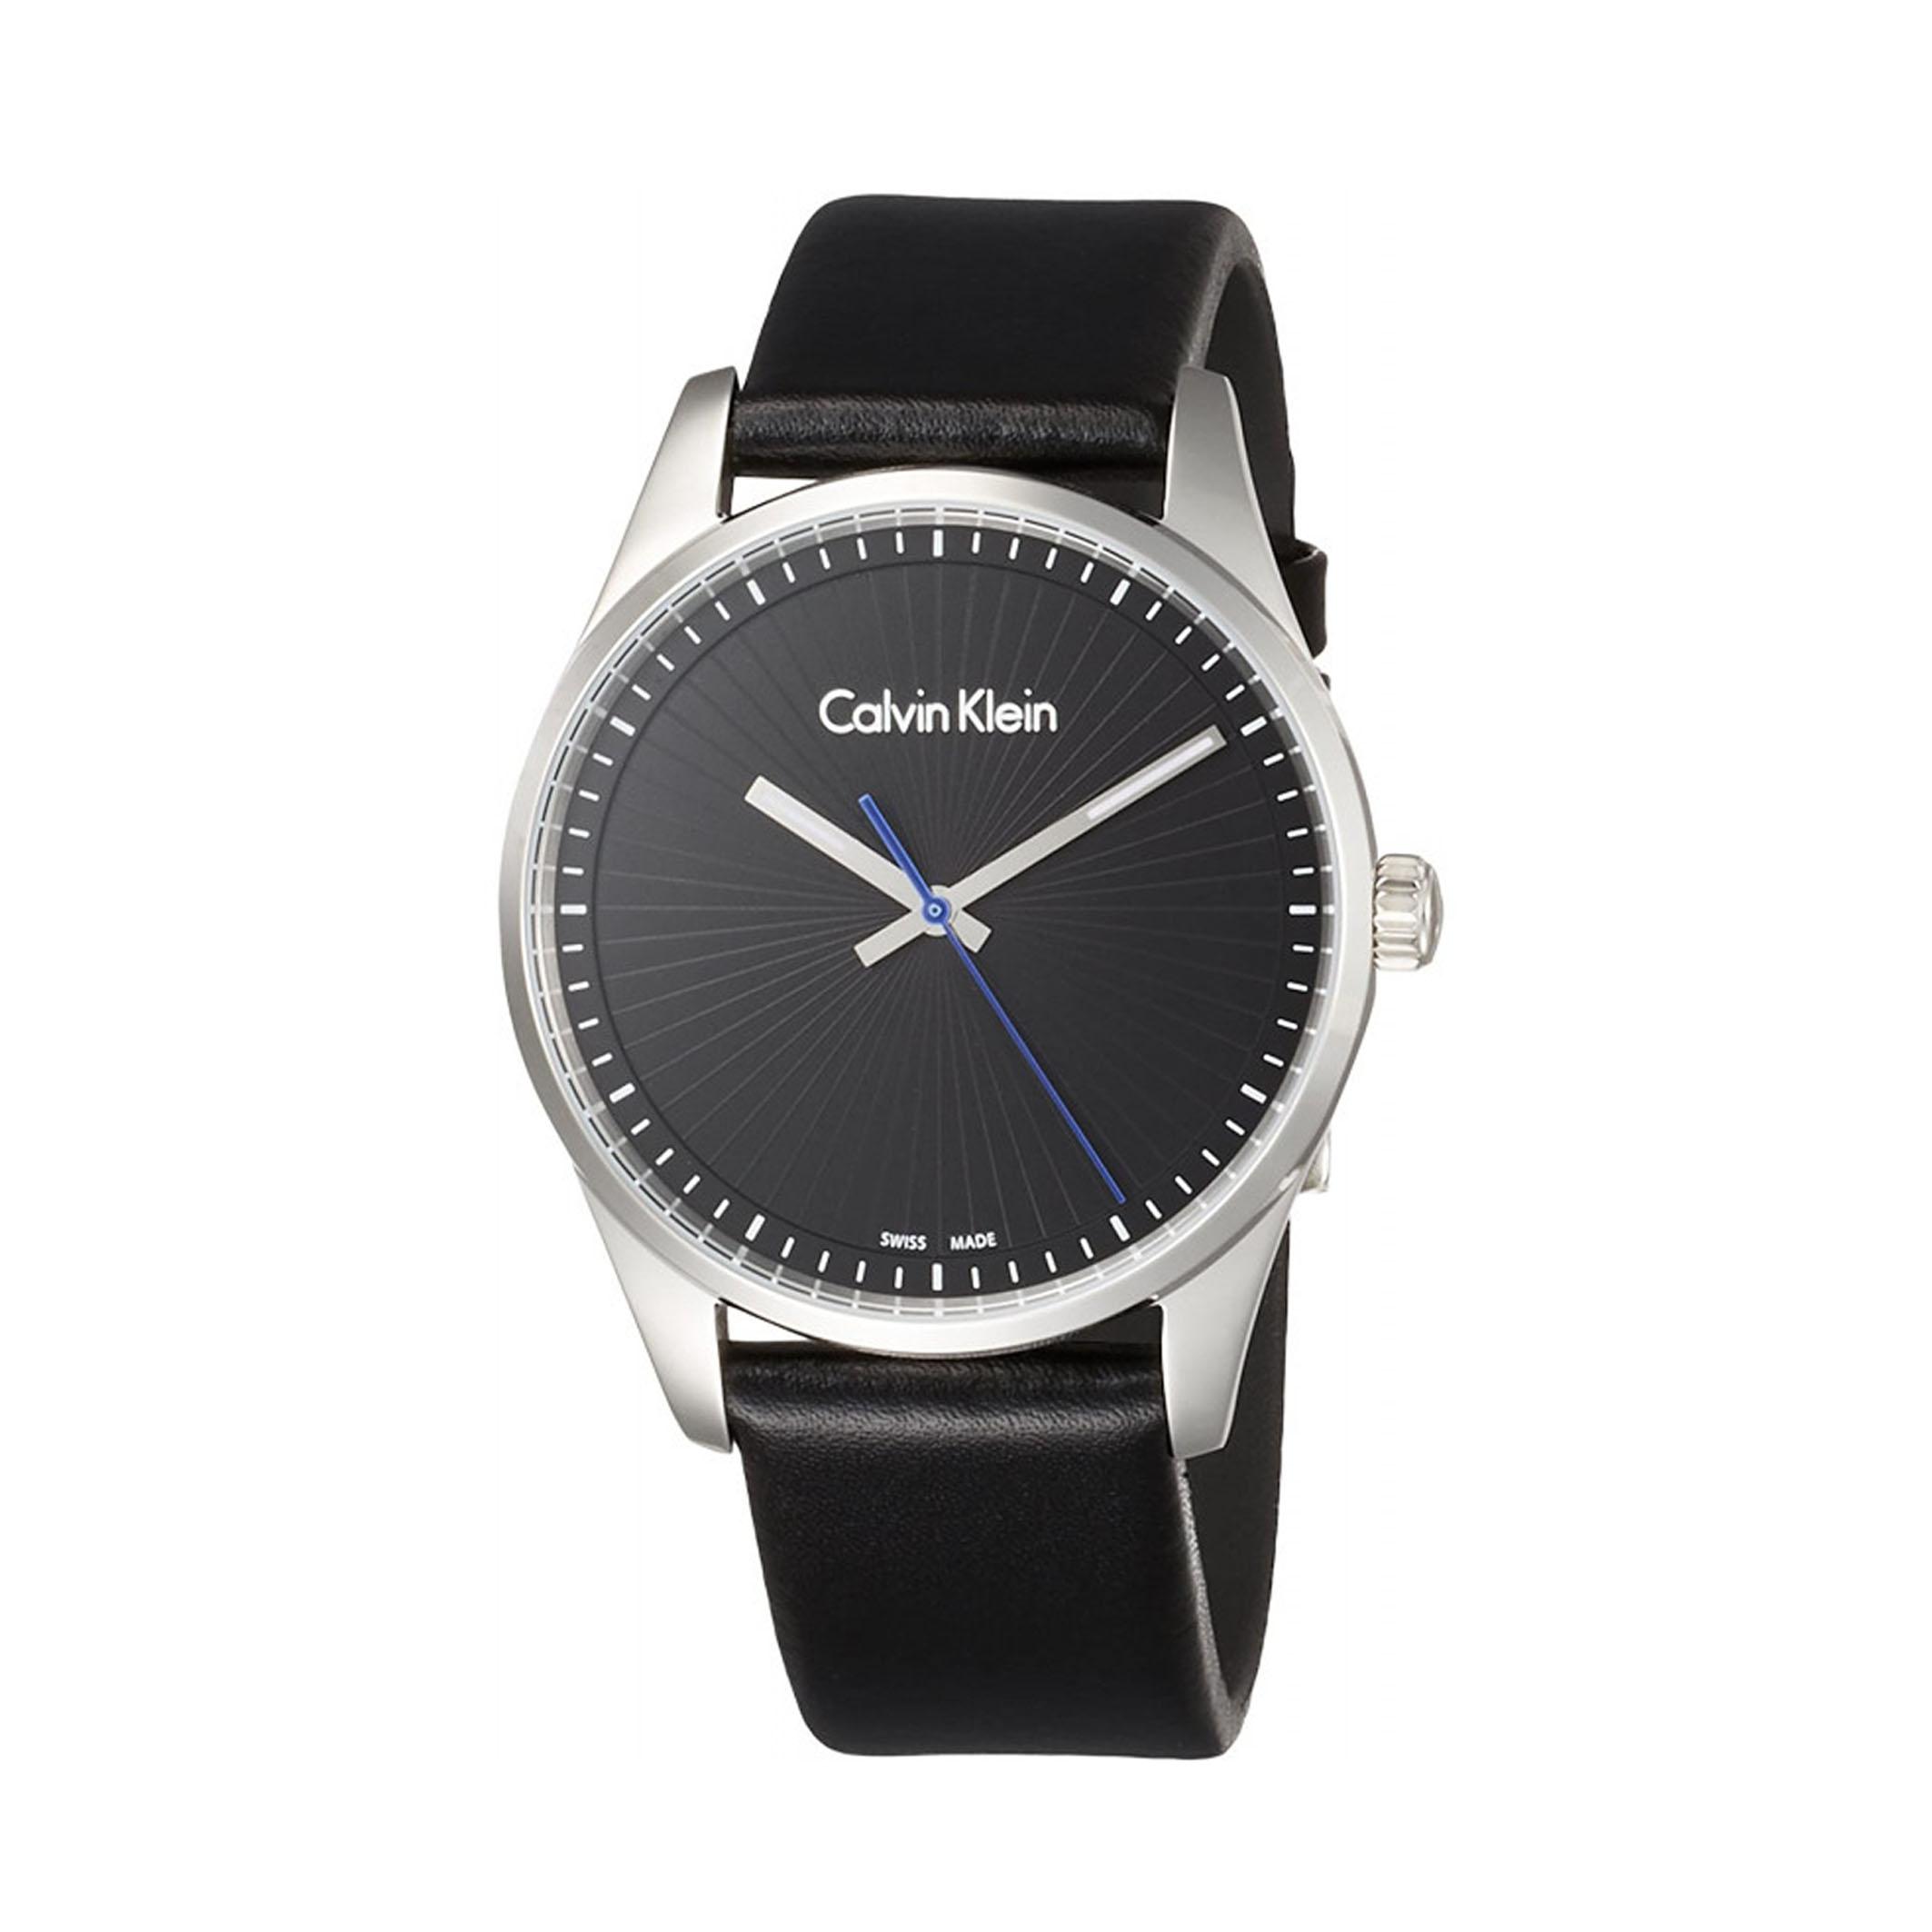 Calvin Klein - STEADFAST_K8S211 - Black